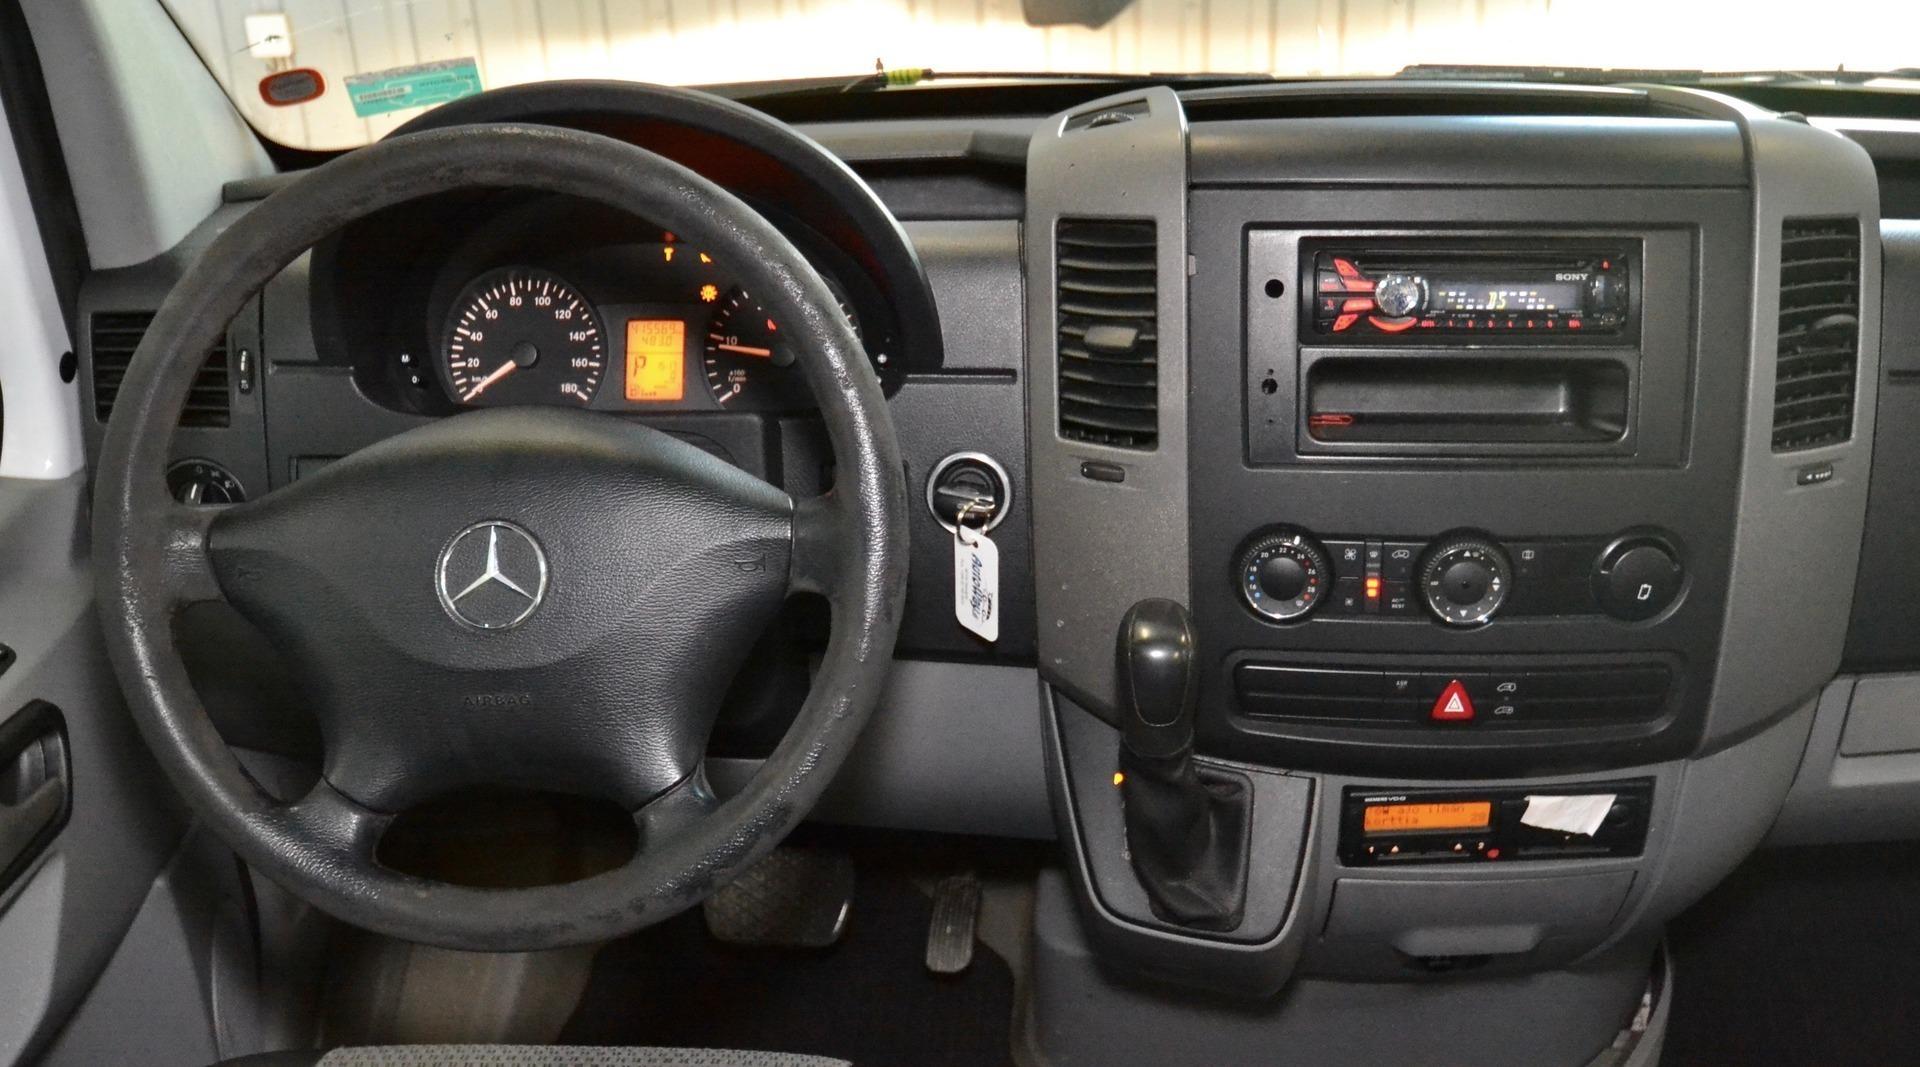 Mercedes-Benz Sprinter, 315 CDI